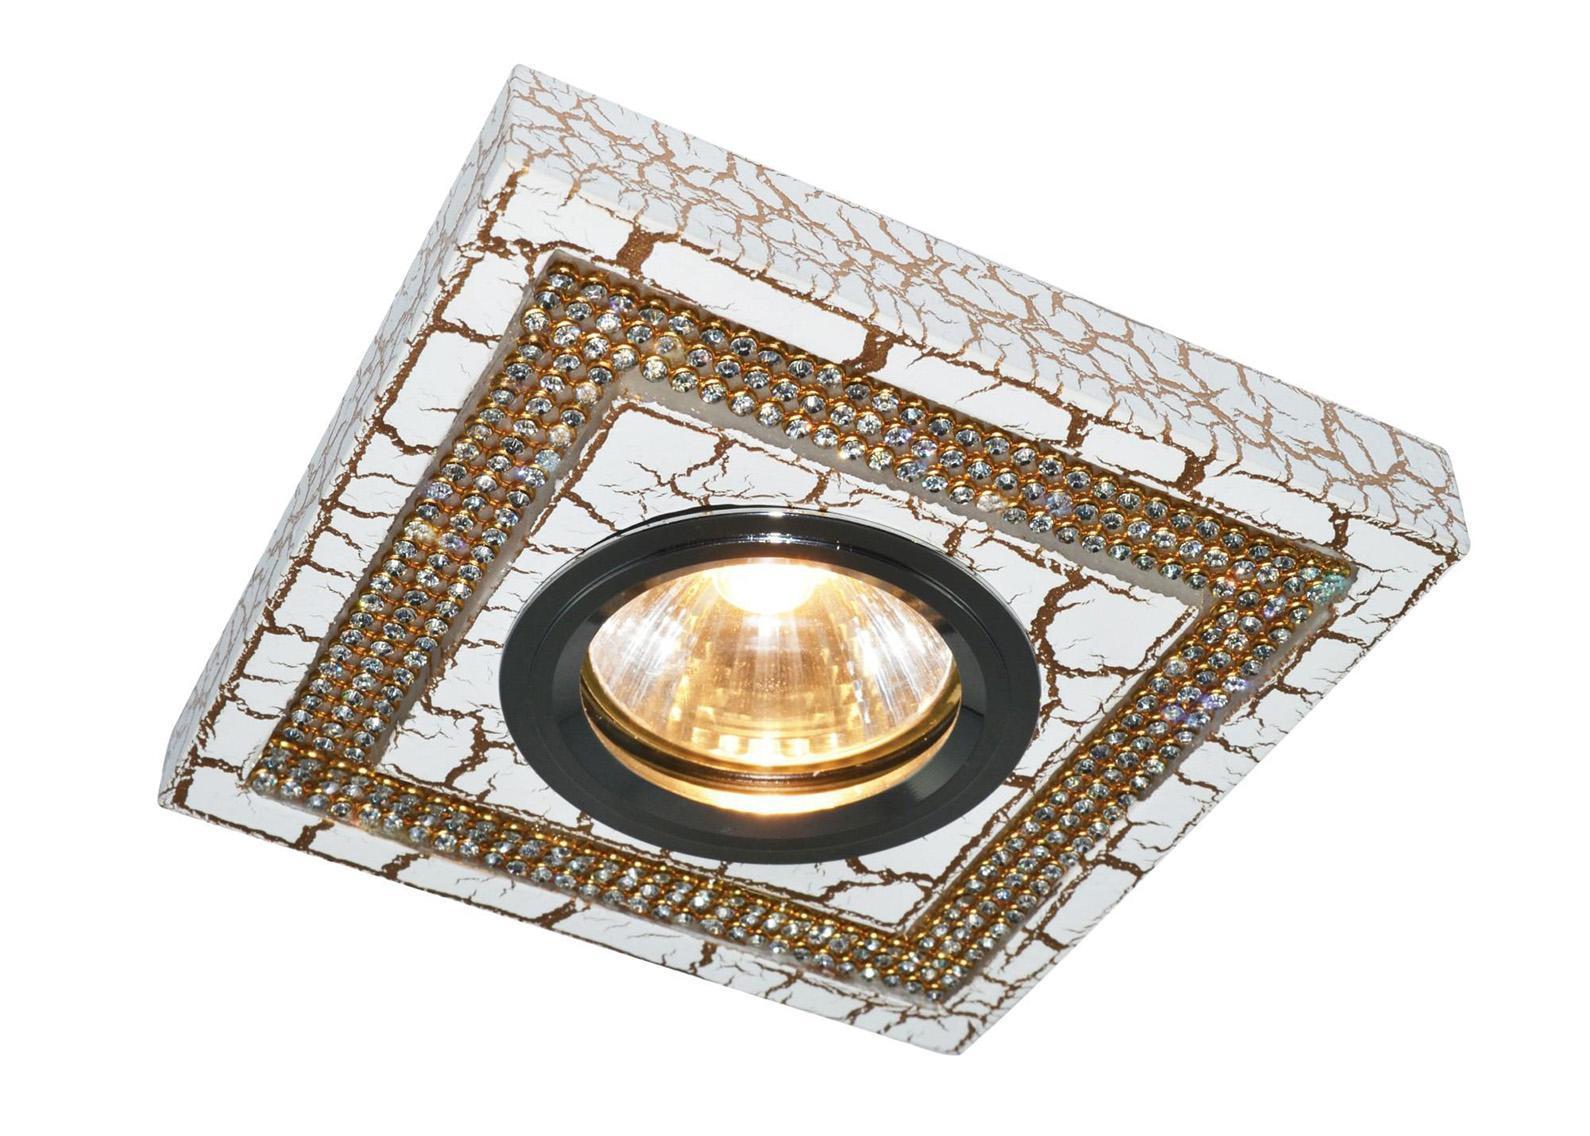 Светильник встраиваемый Arte lamp A5340pl-1wg